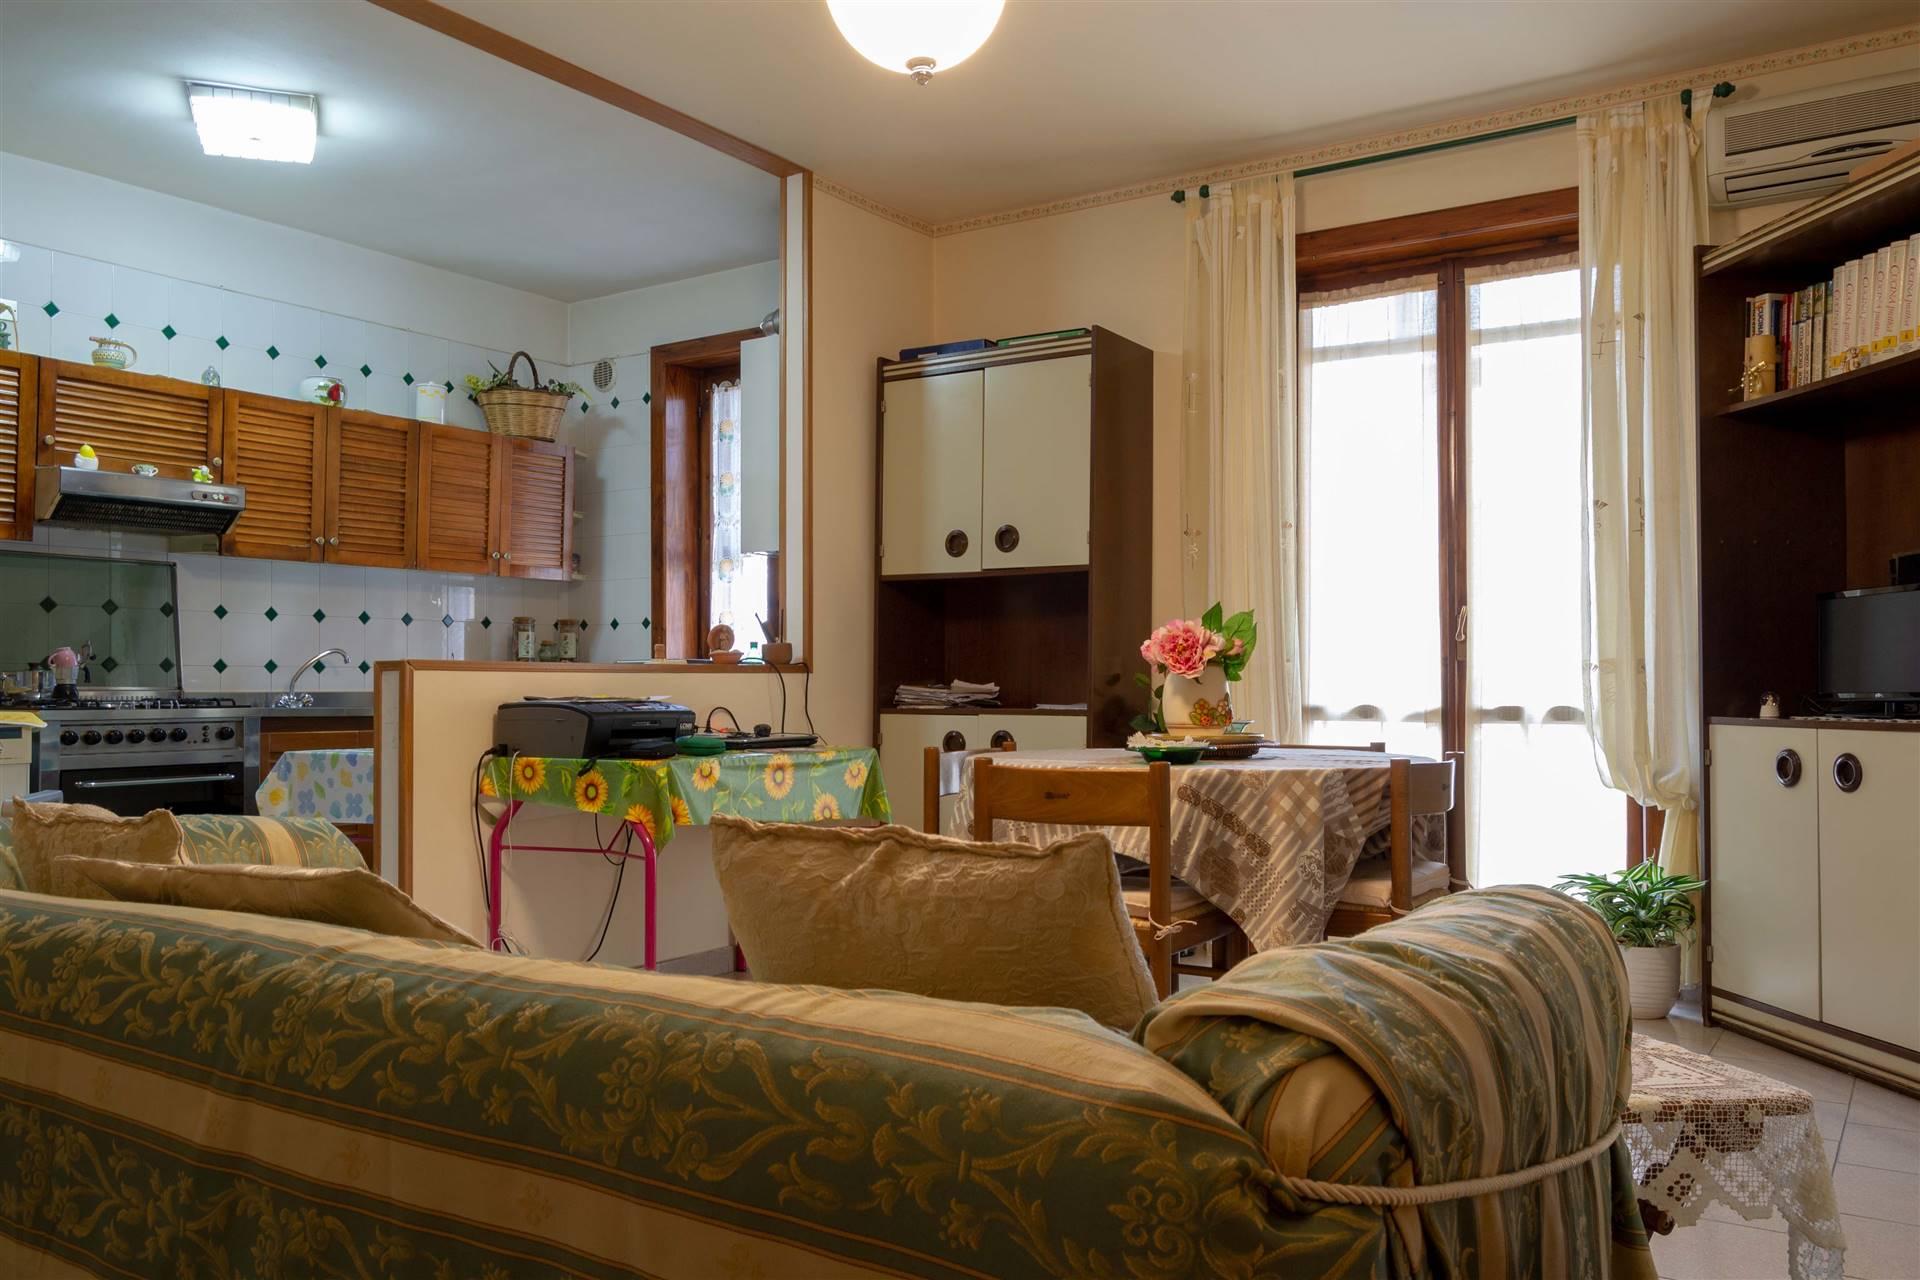 Appartamento in vendita a Mercogliano, 3 locali, prezzo € 75.000 | CambioCasa.it